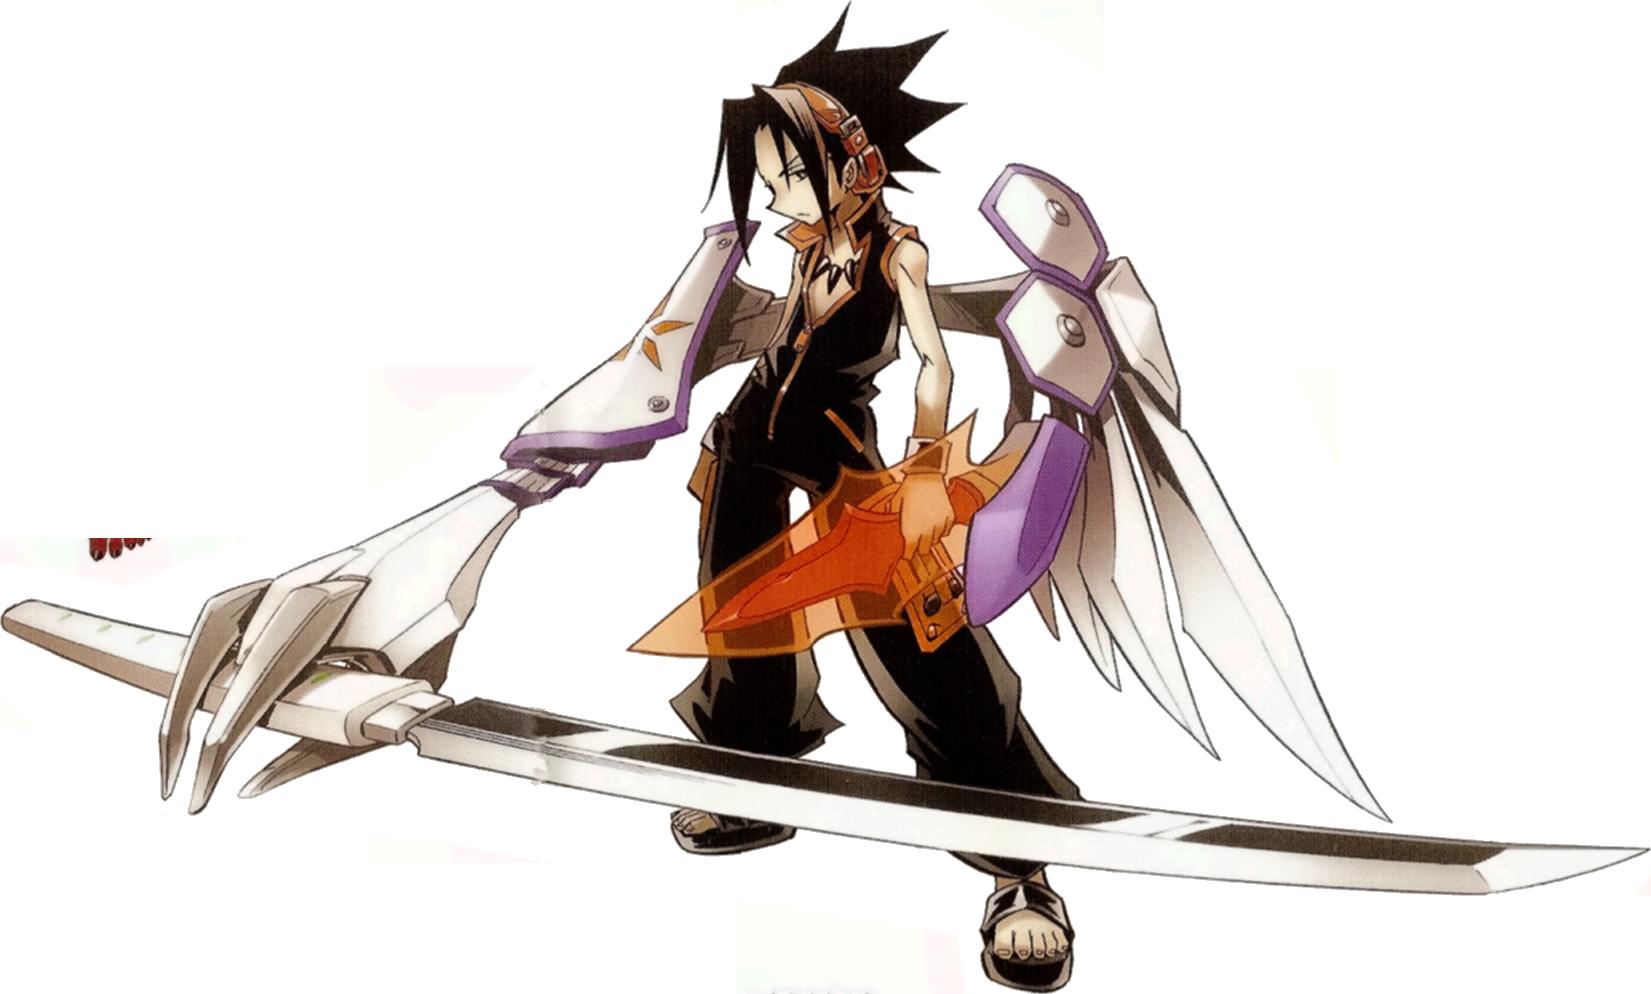 hiroyuki takei